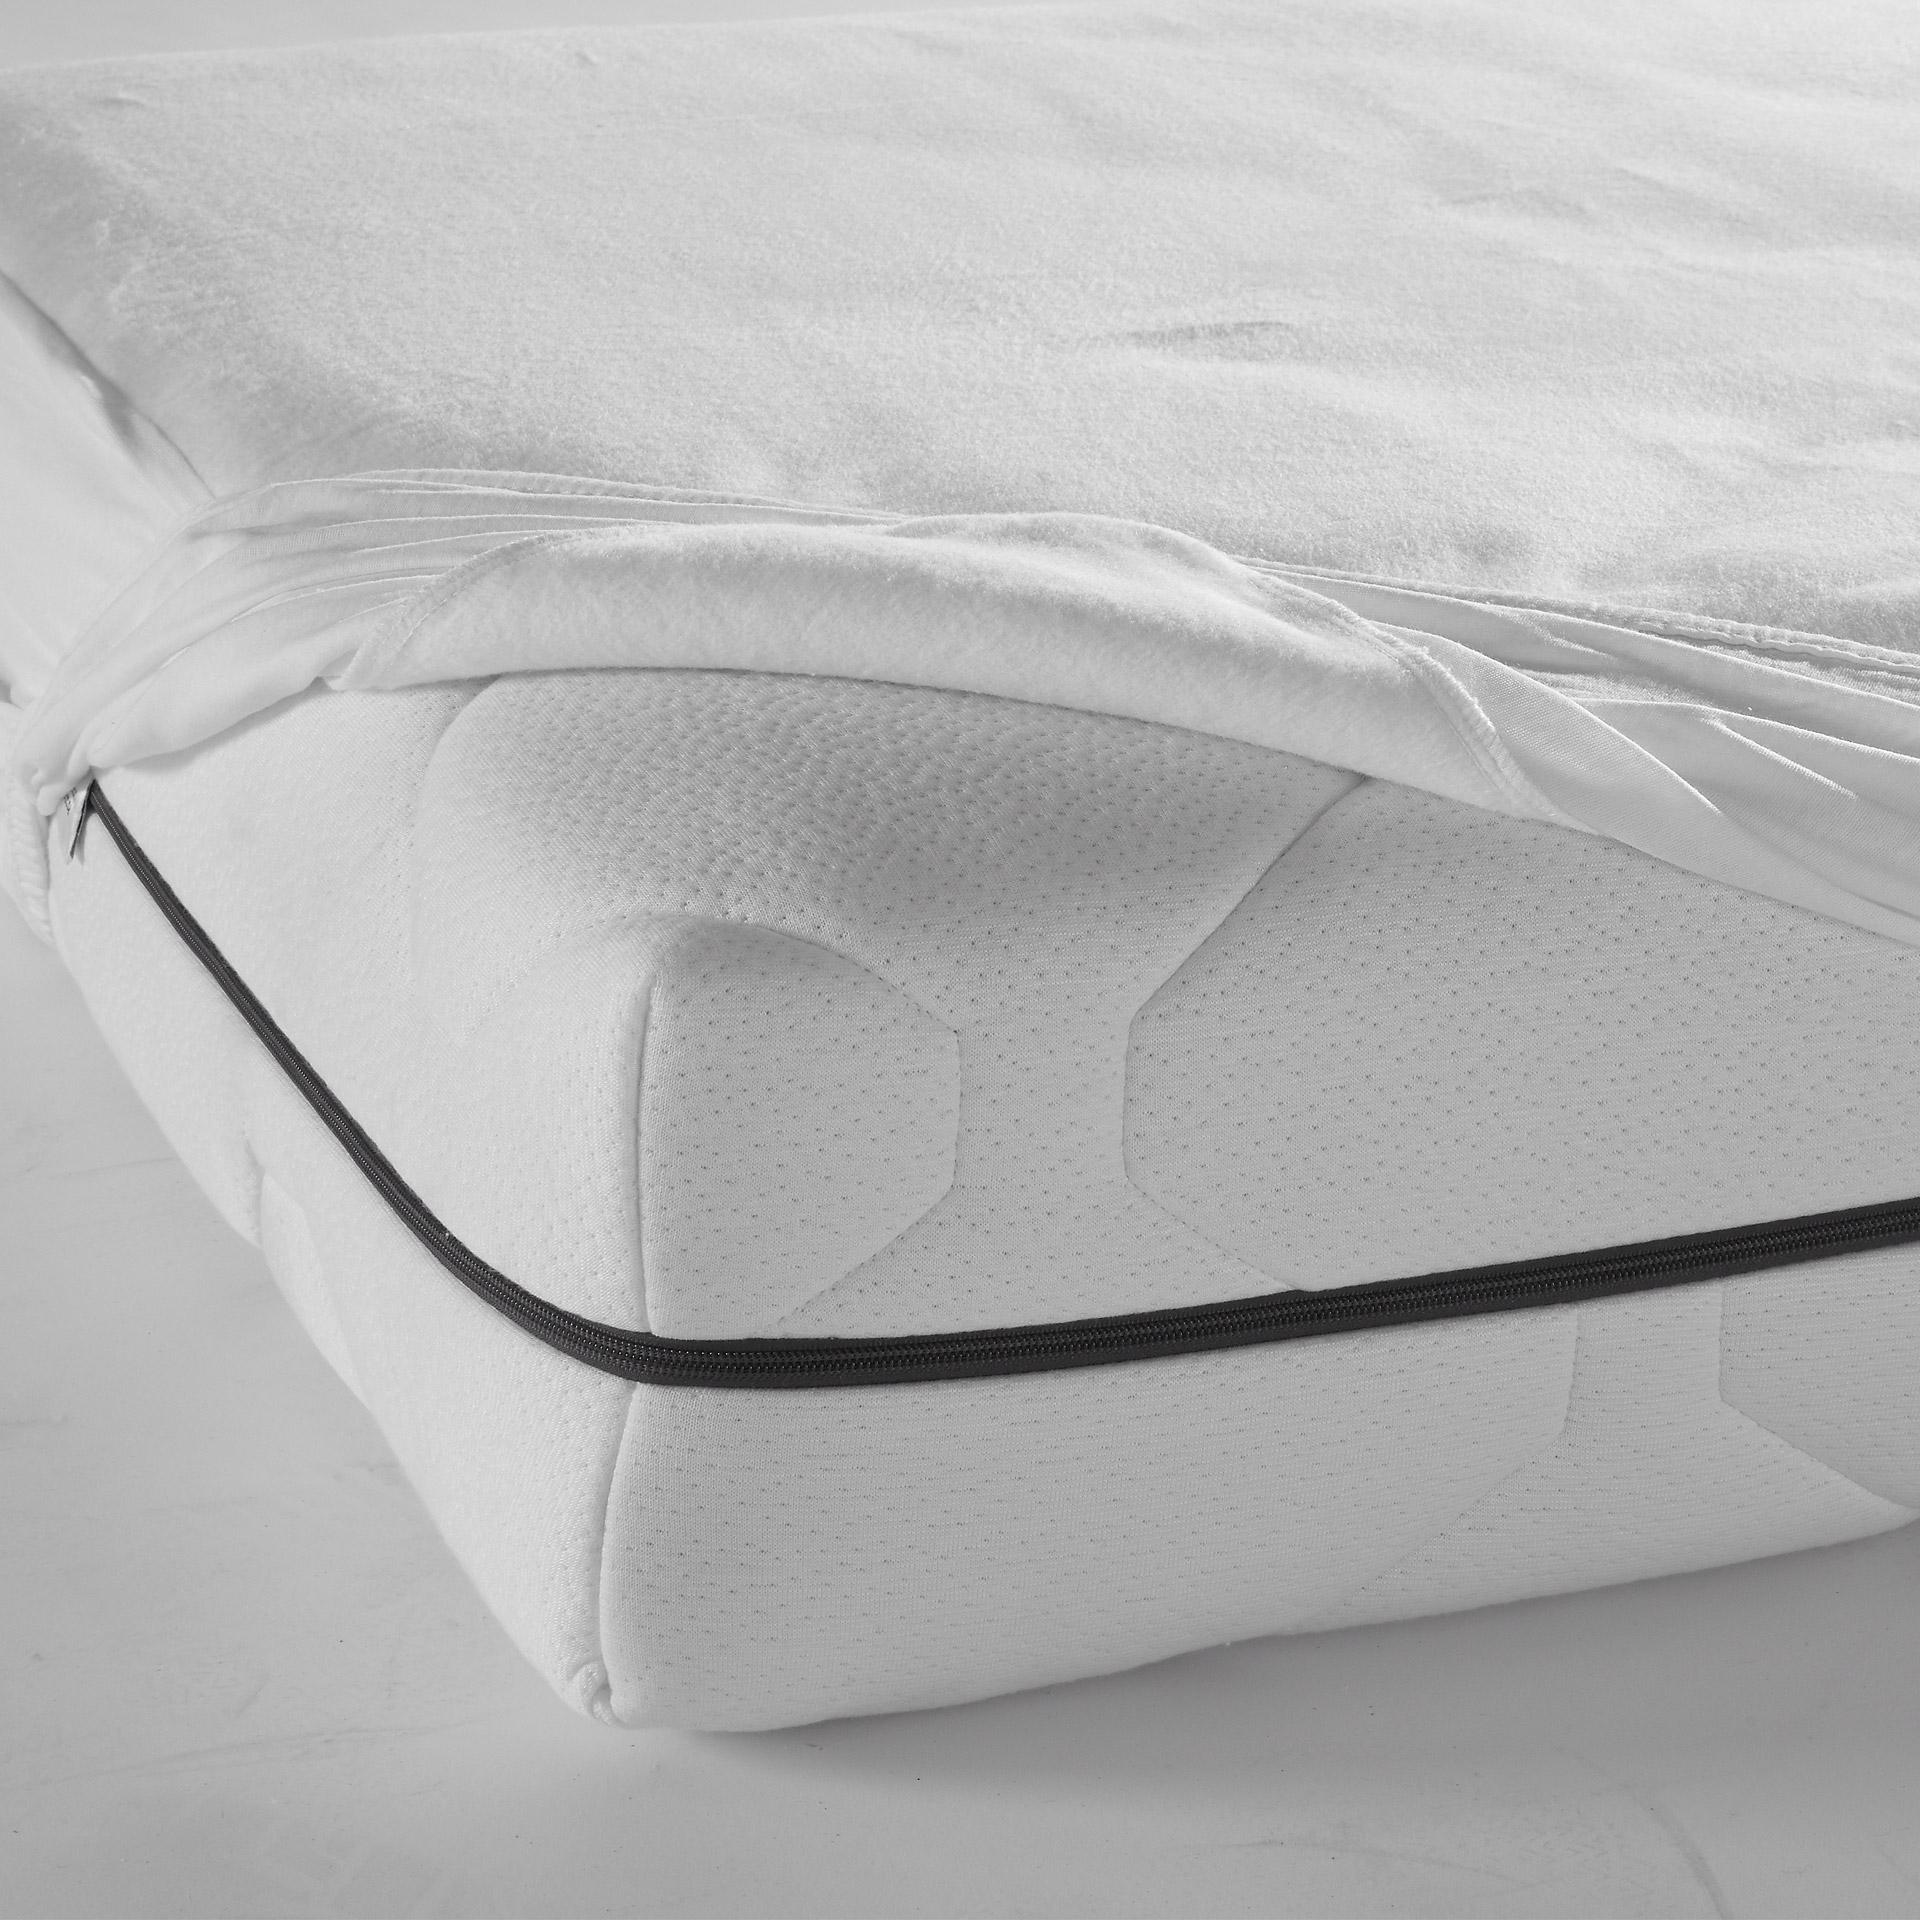 Molton-Matratzenauflage mit Rundum-Gummizug (180x200, kochfest)